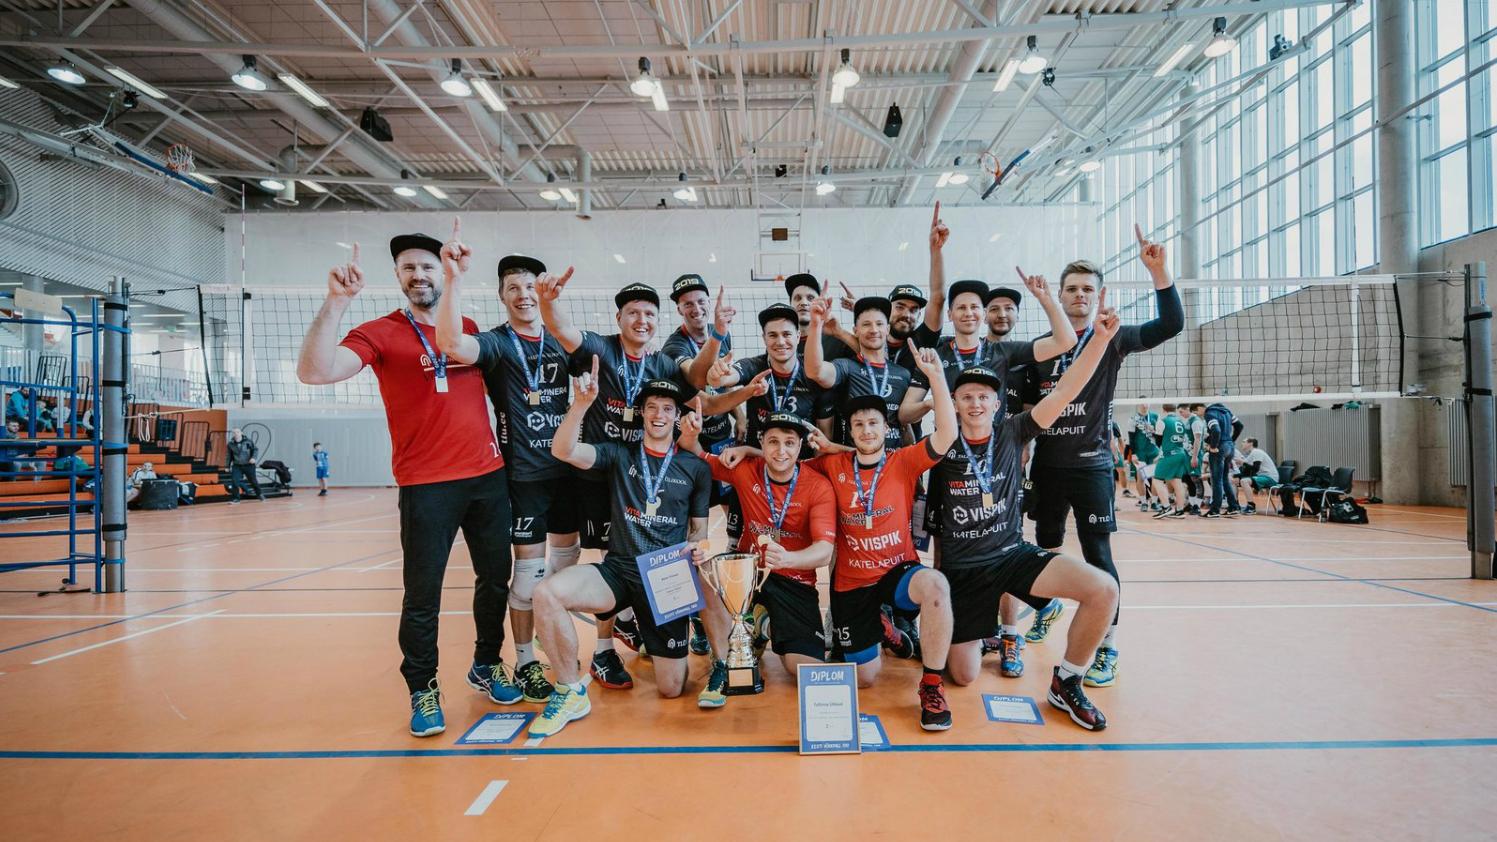 Tallinna Ülikool võitis esiliigas kõik 28 mängu – finaalis alistati veenvalt tiitlikaitsja!